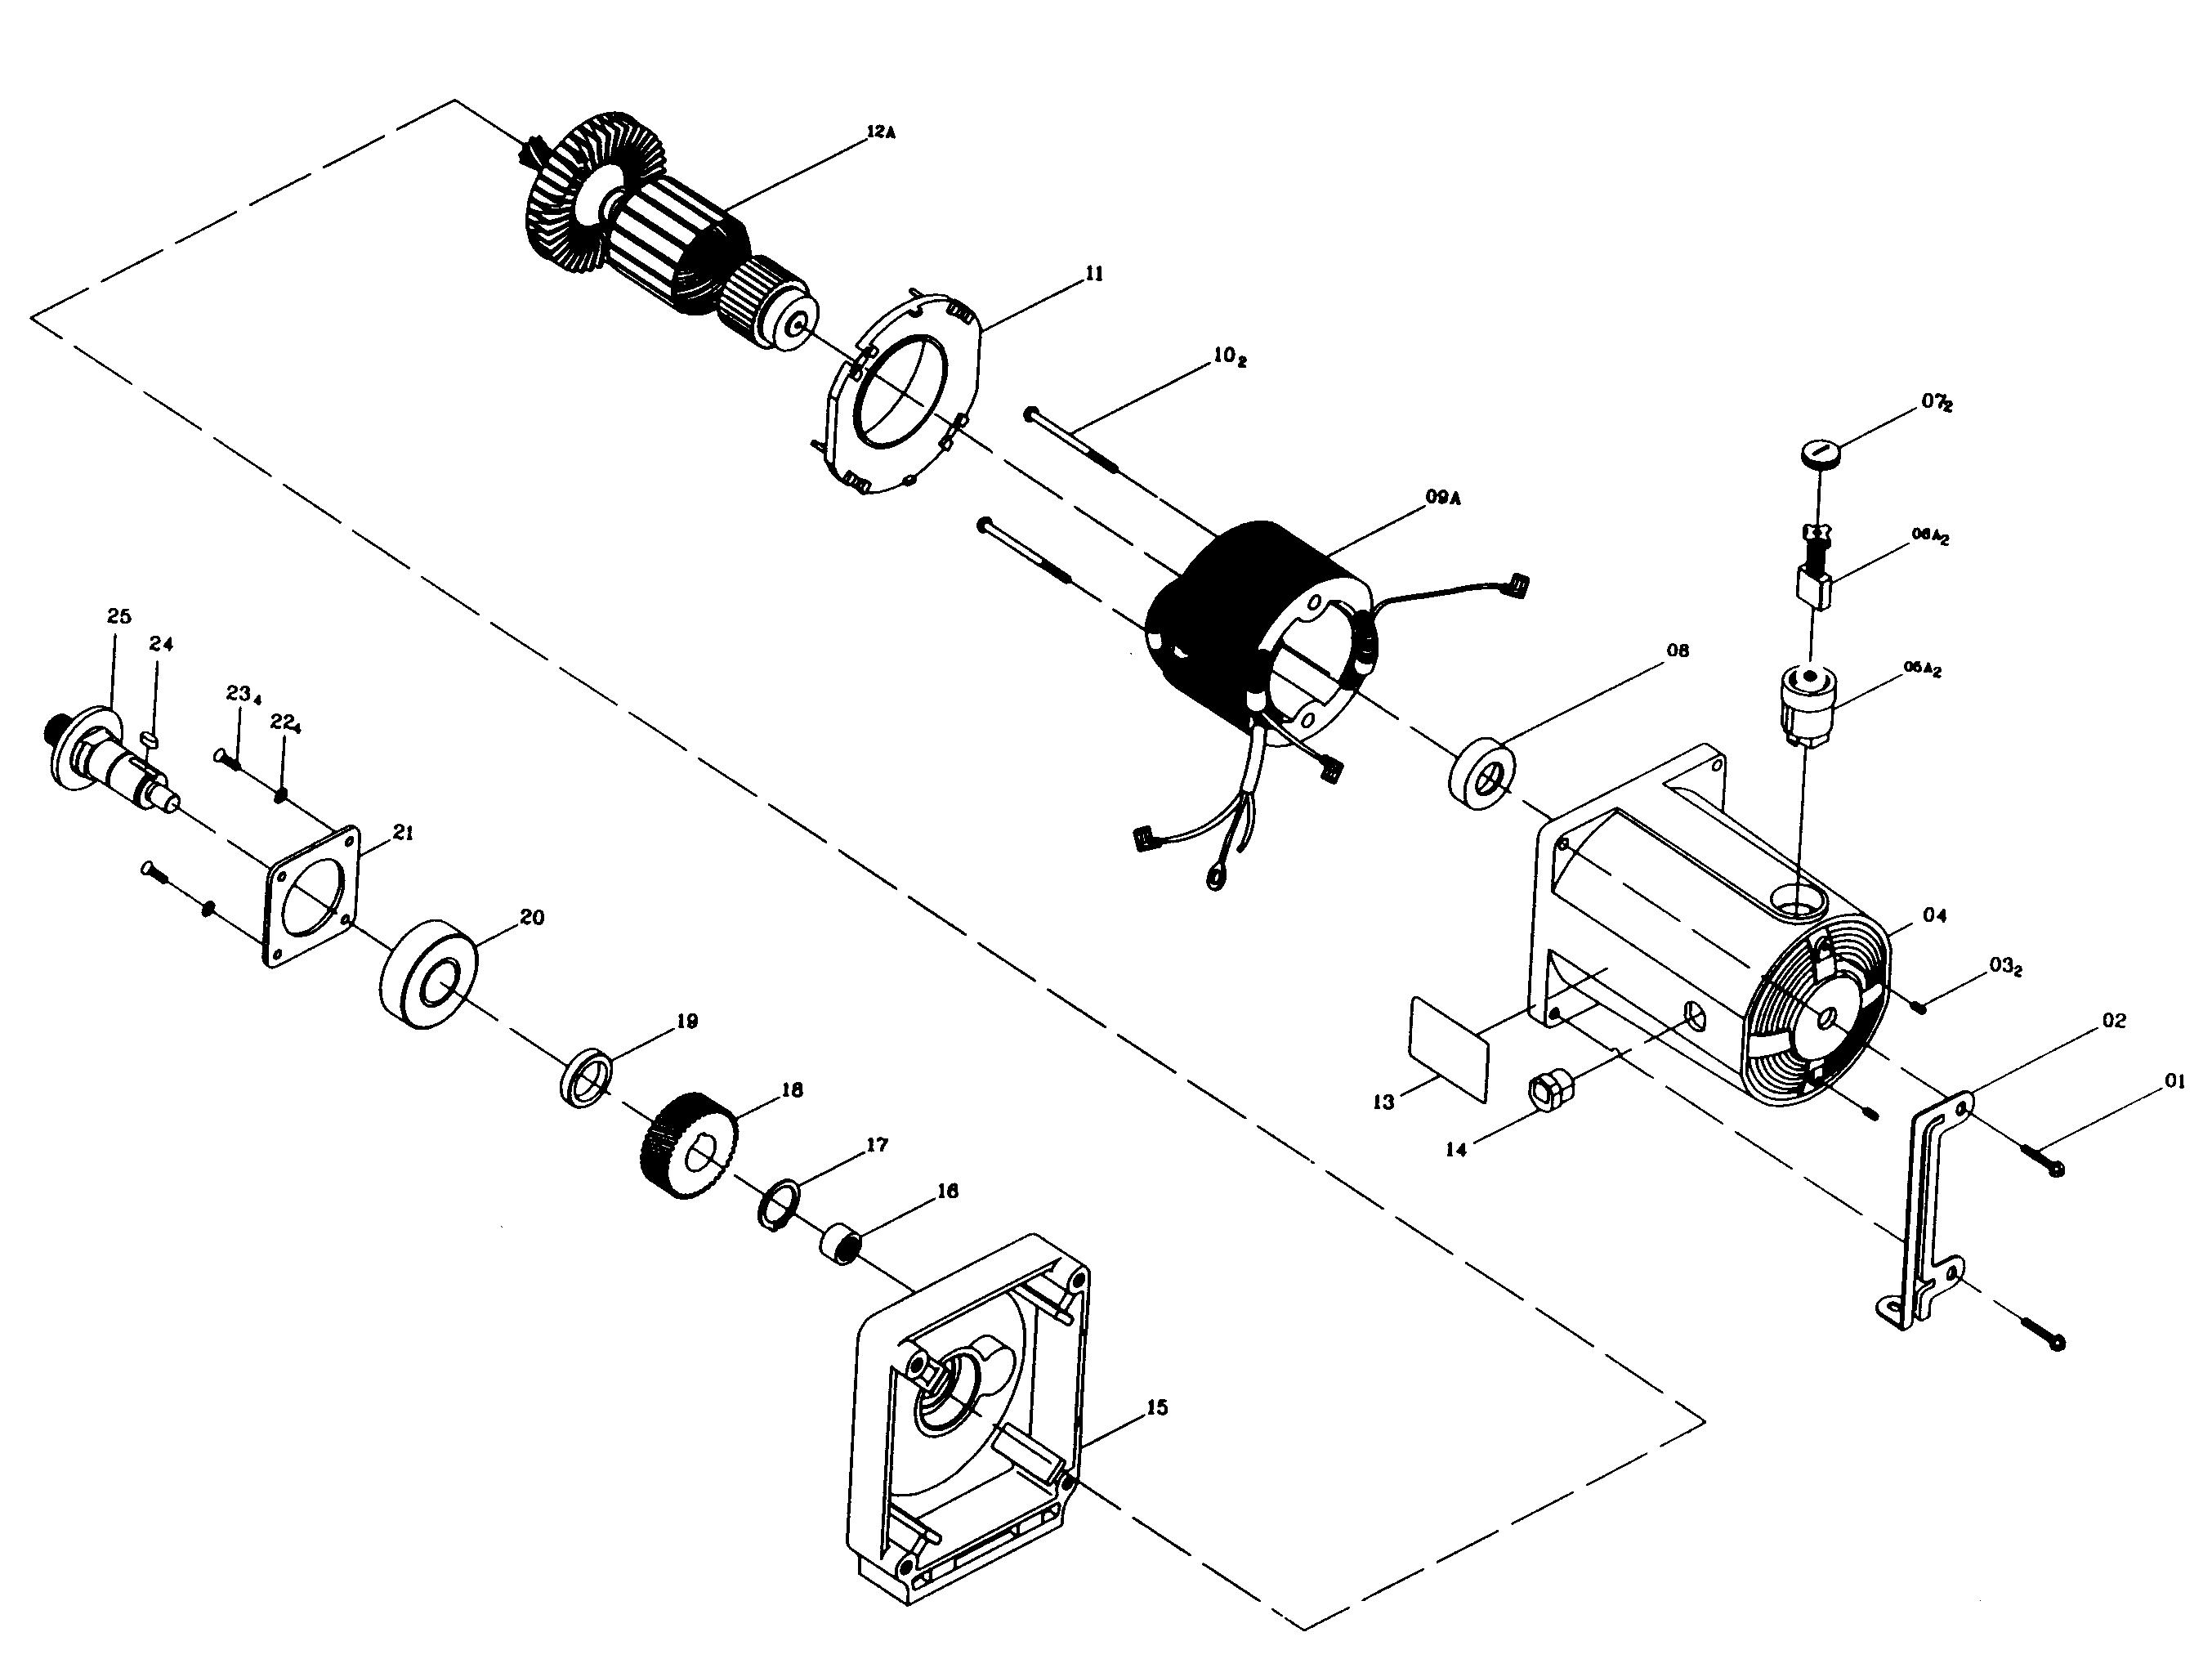 sears tradesman table saw model repair manual